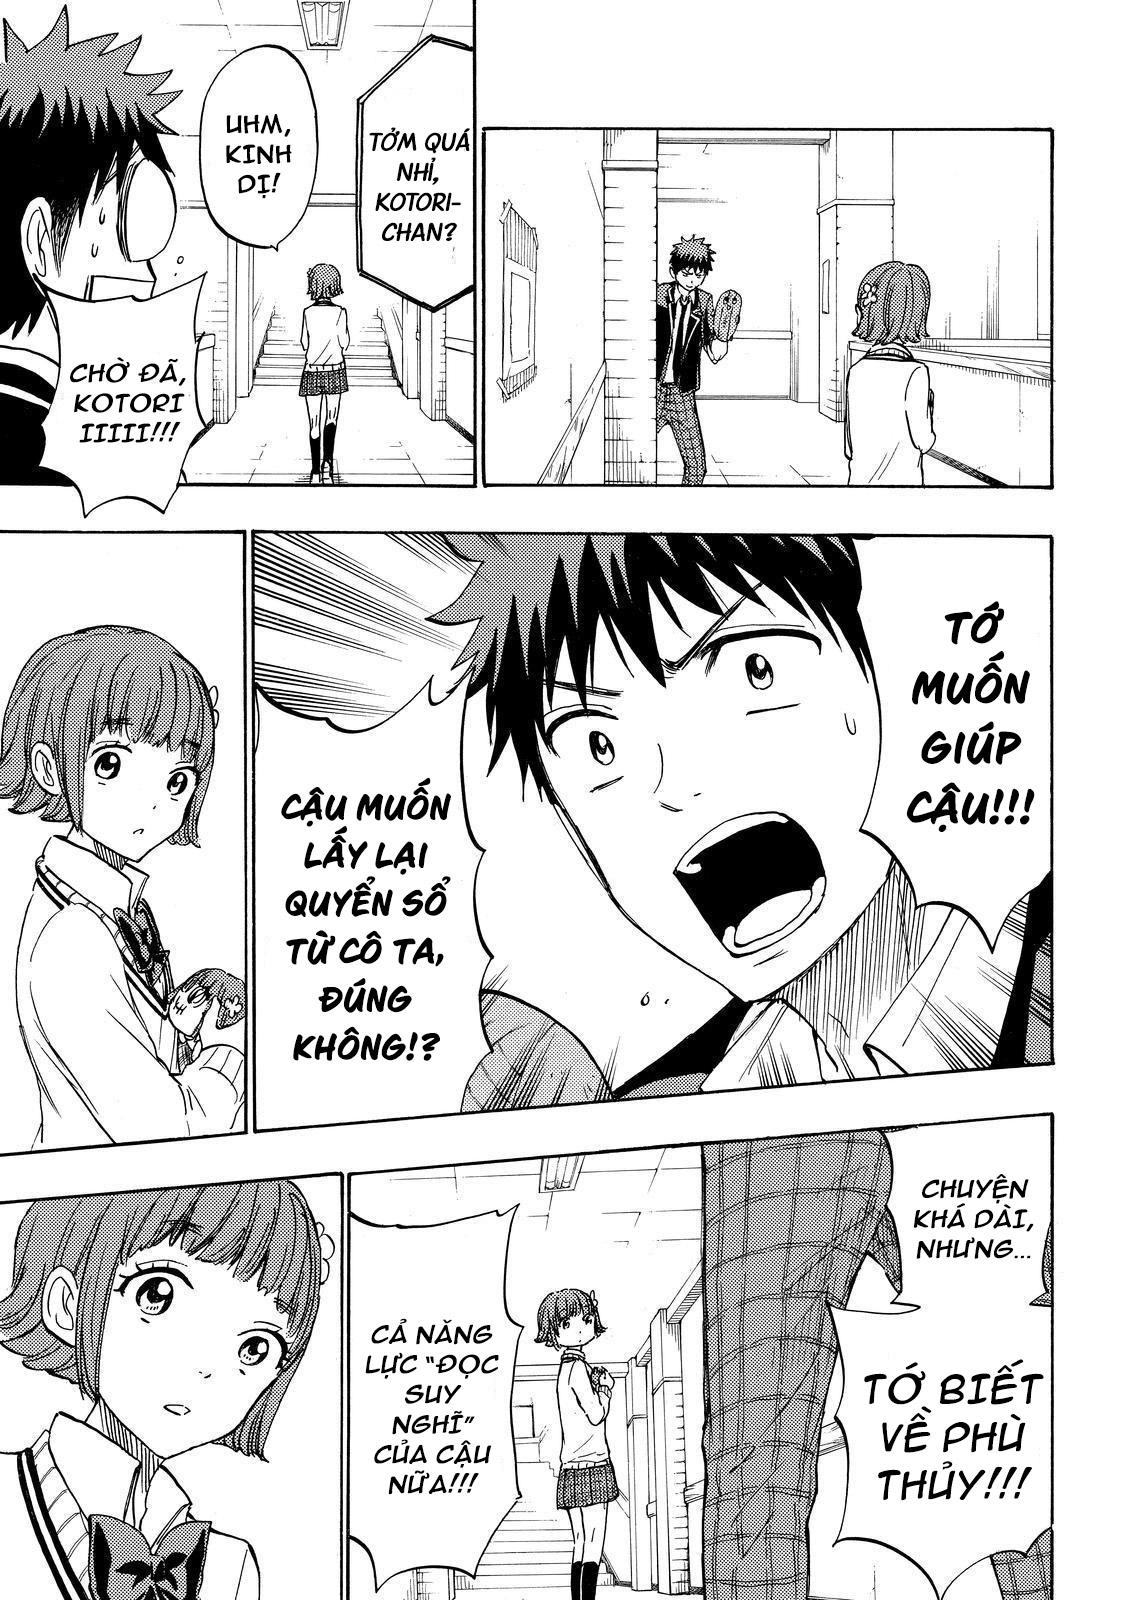 Yamada-kun to 7-nin no majo chap 176 Trang 8 - Mangak.info